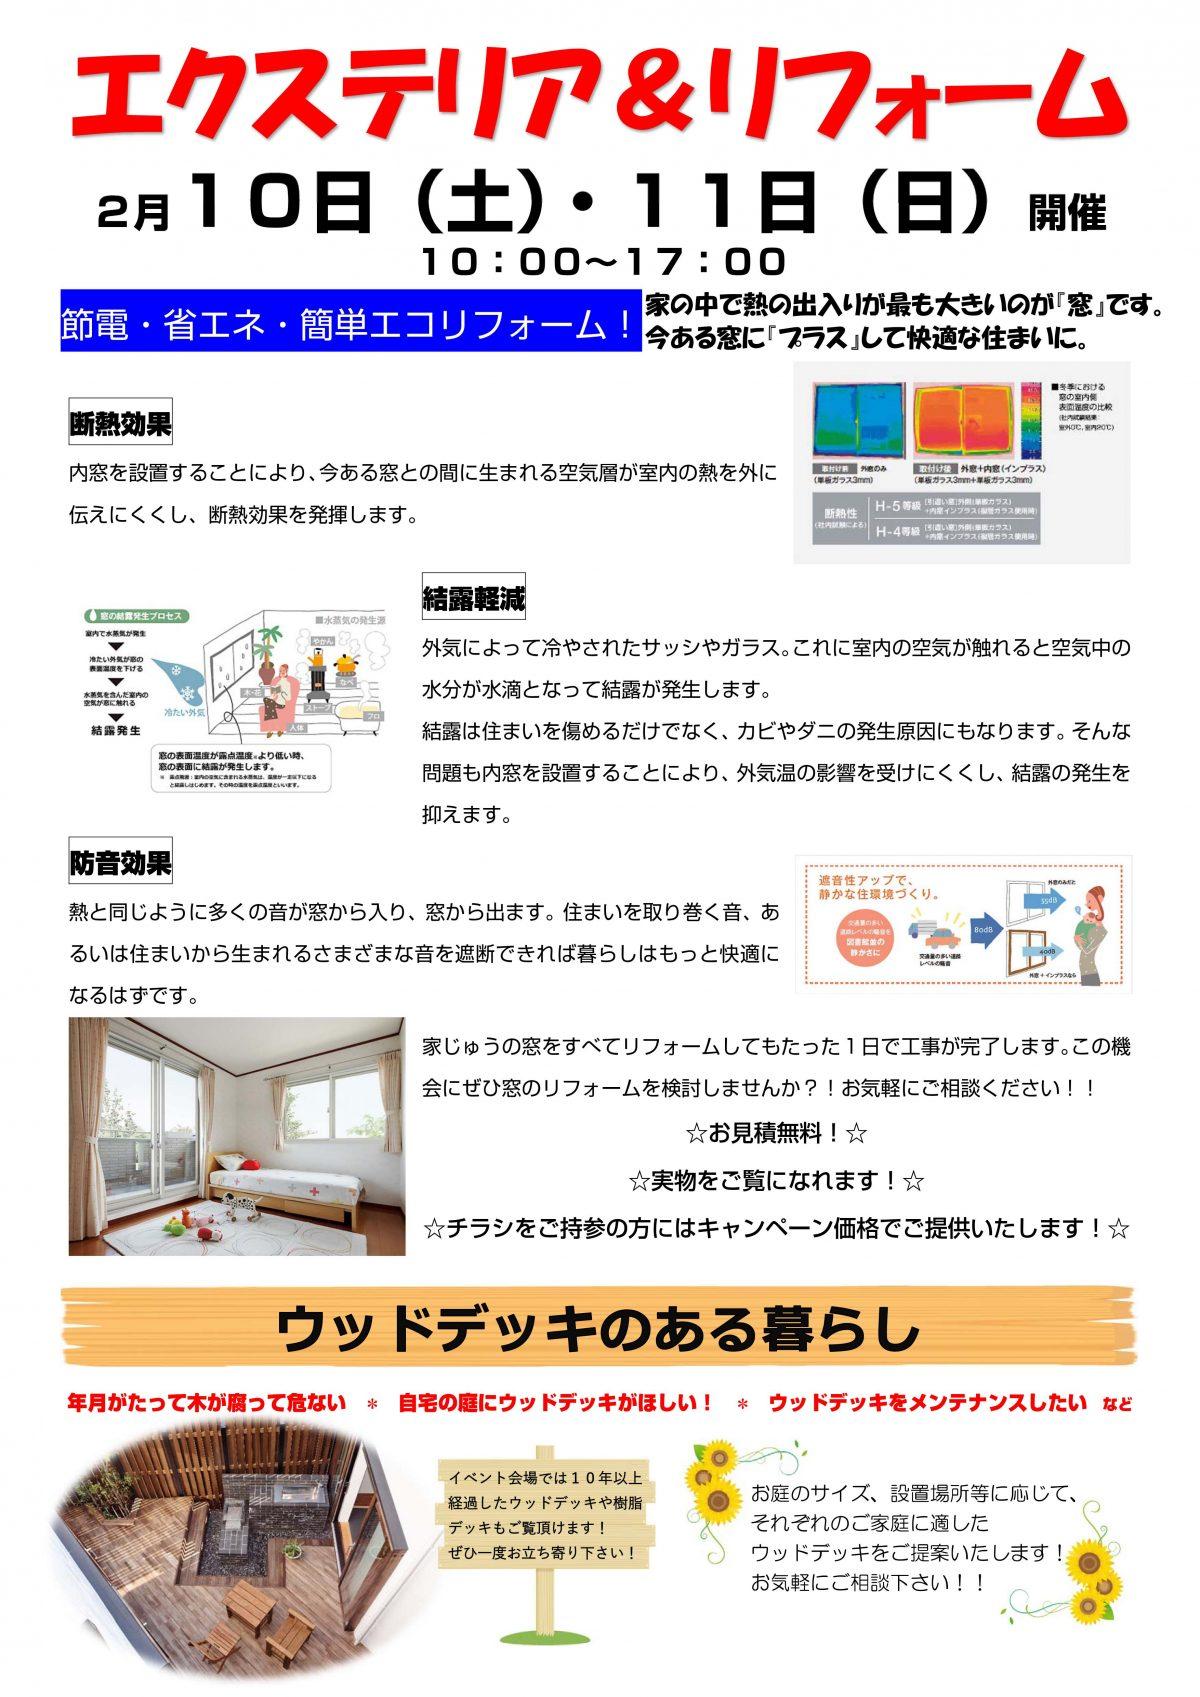 【2018年2月】エクステリア&リフォームフェア